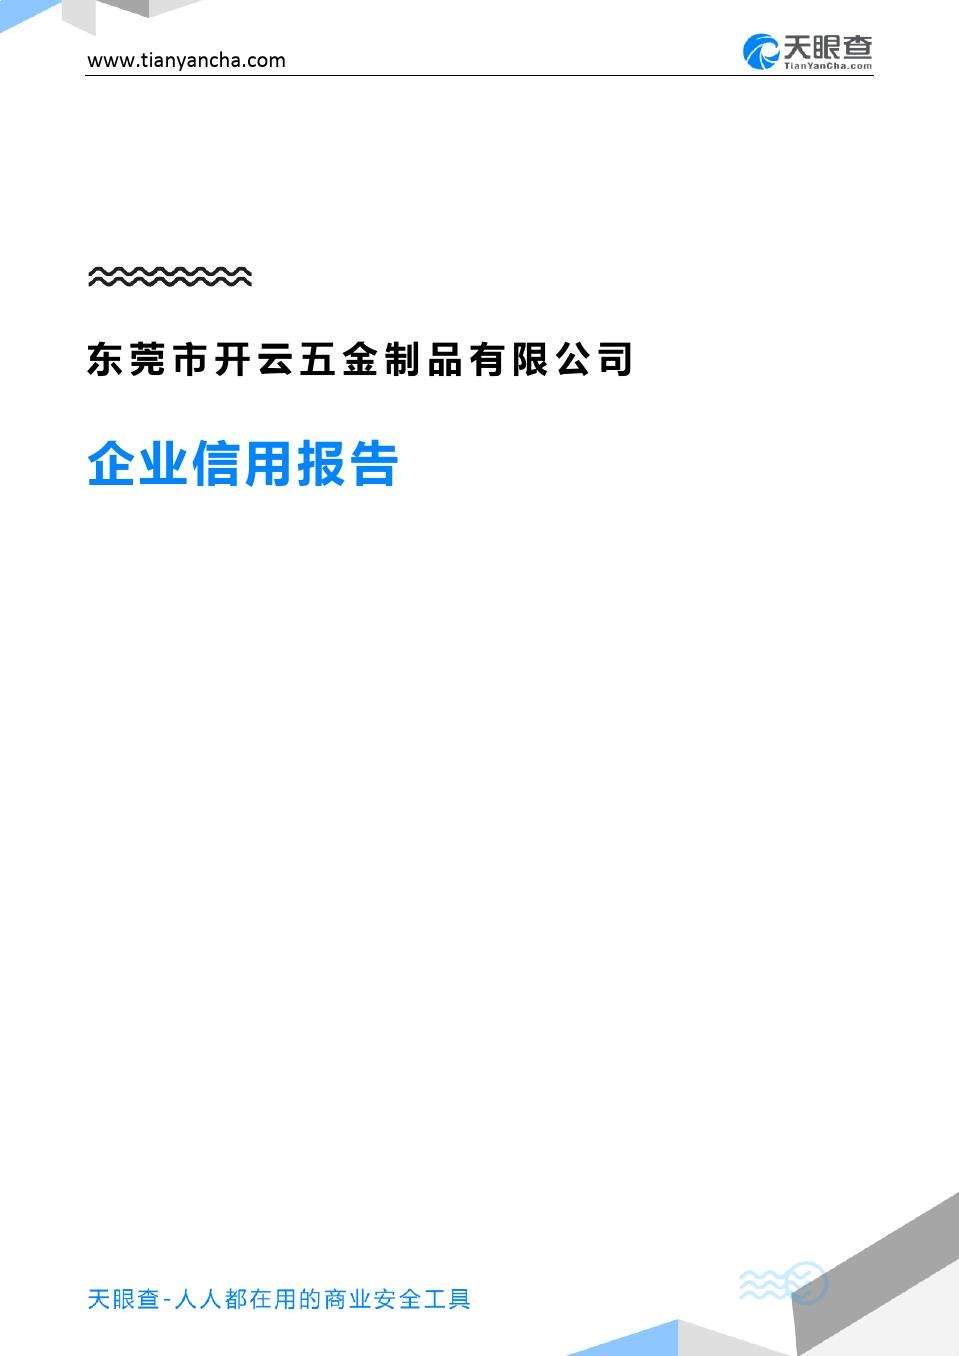 东莞市开云五金制品有限公司(企业信用报告)- 天眼查